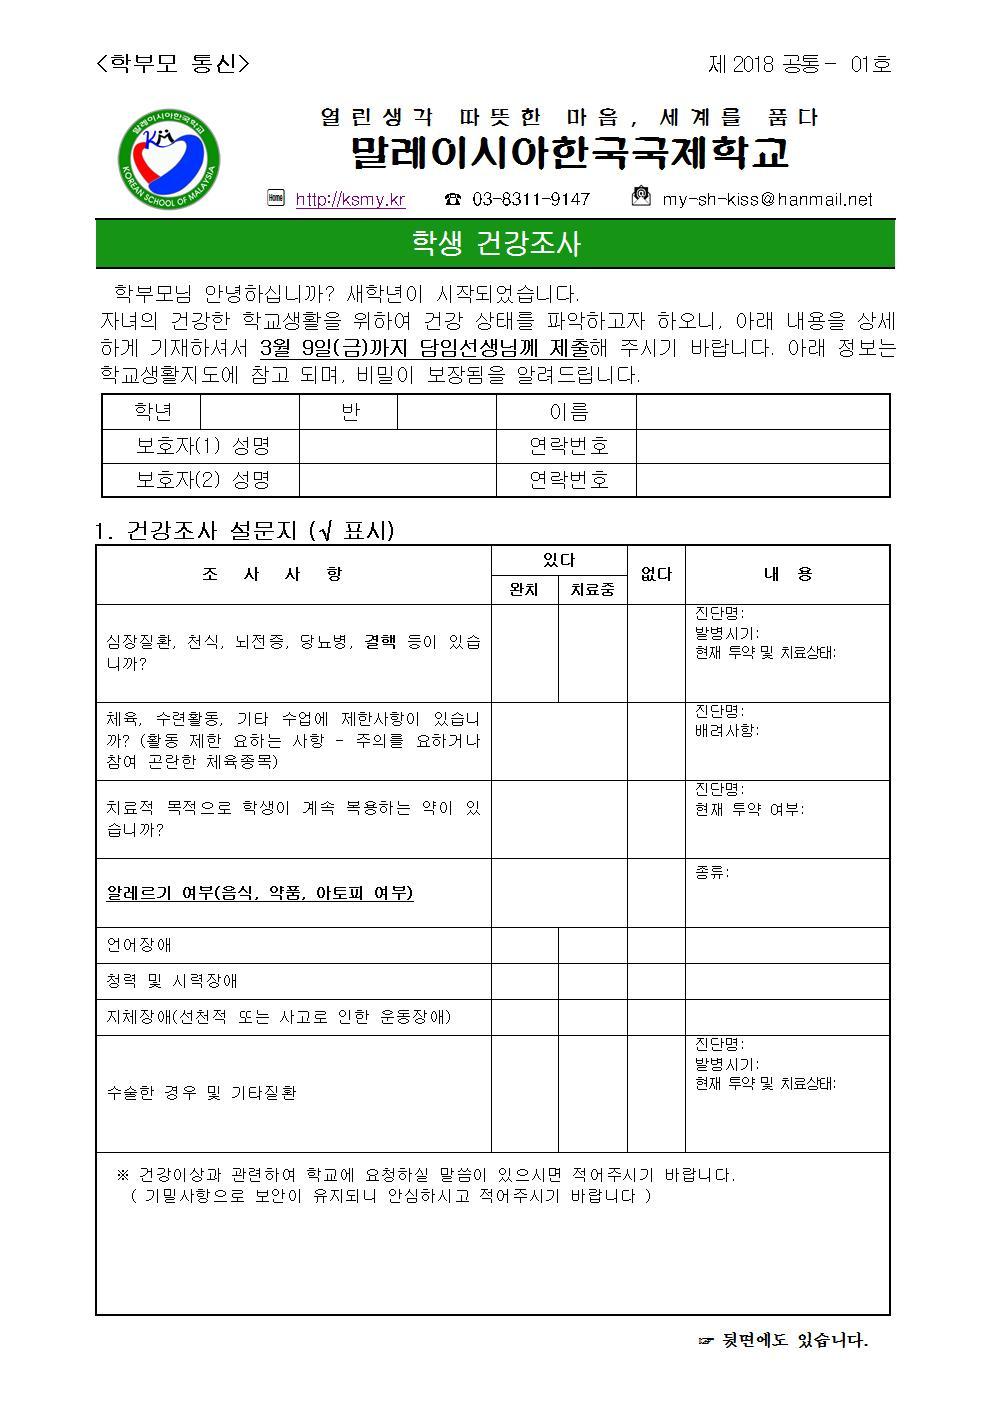 [가통]건강조사서(신입생재학생통합)-2018년3월2일001.jpg